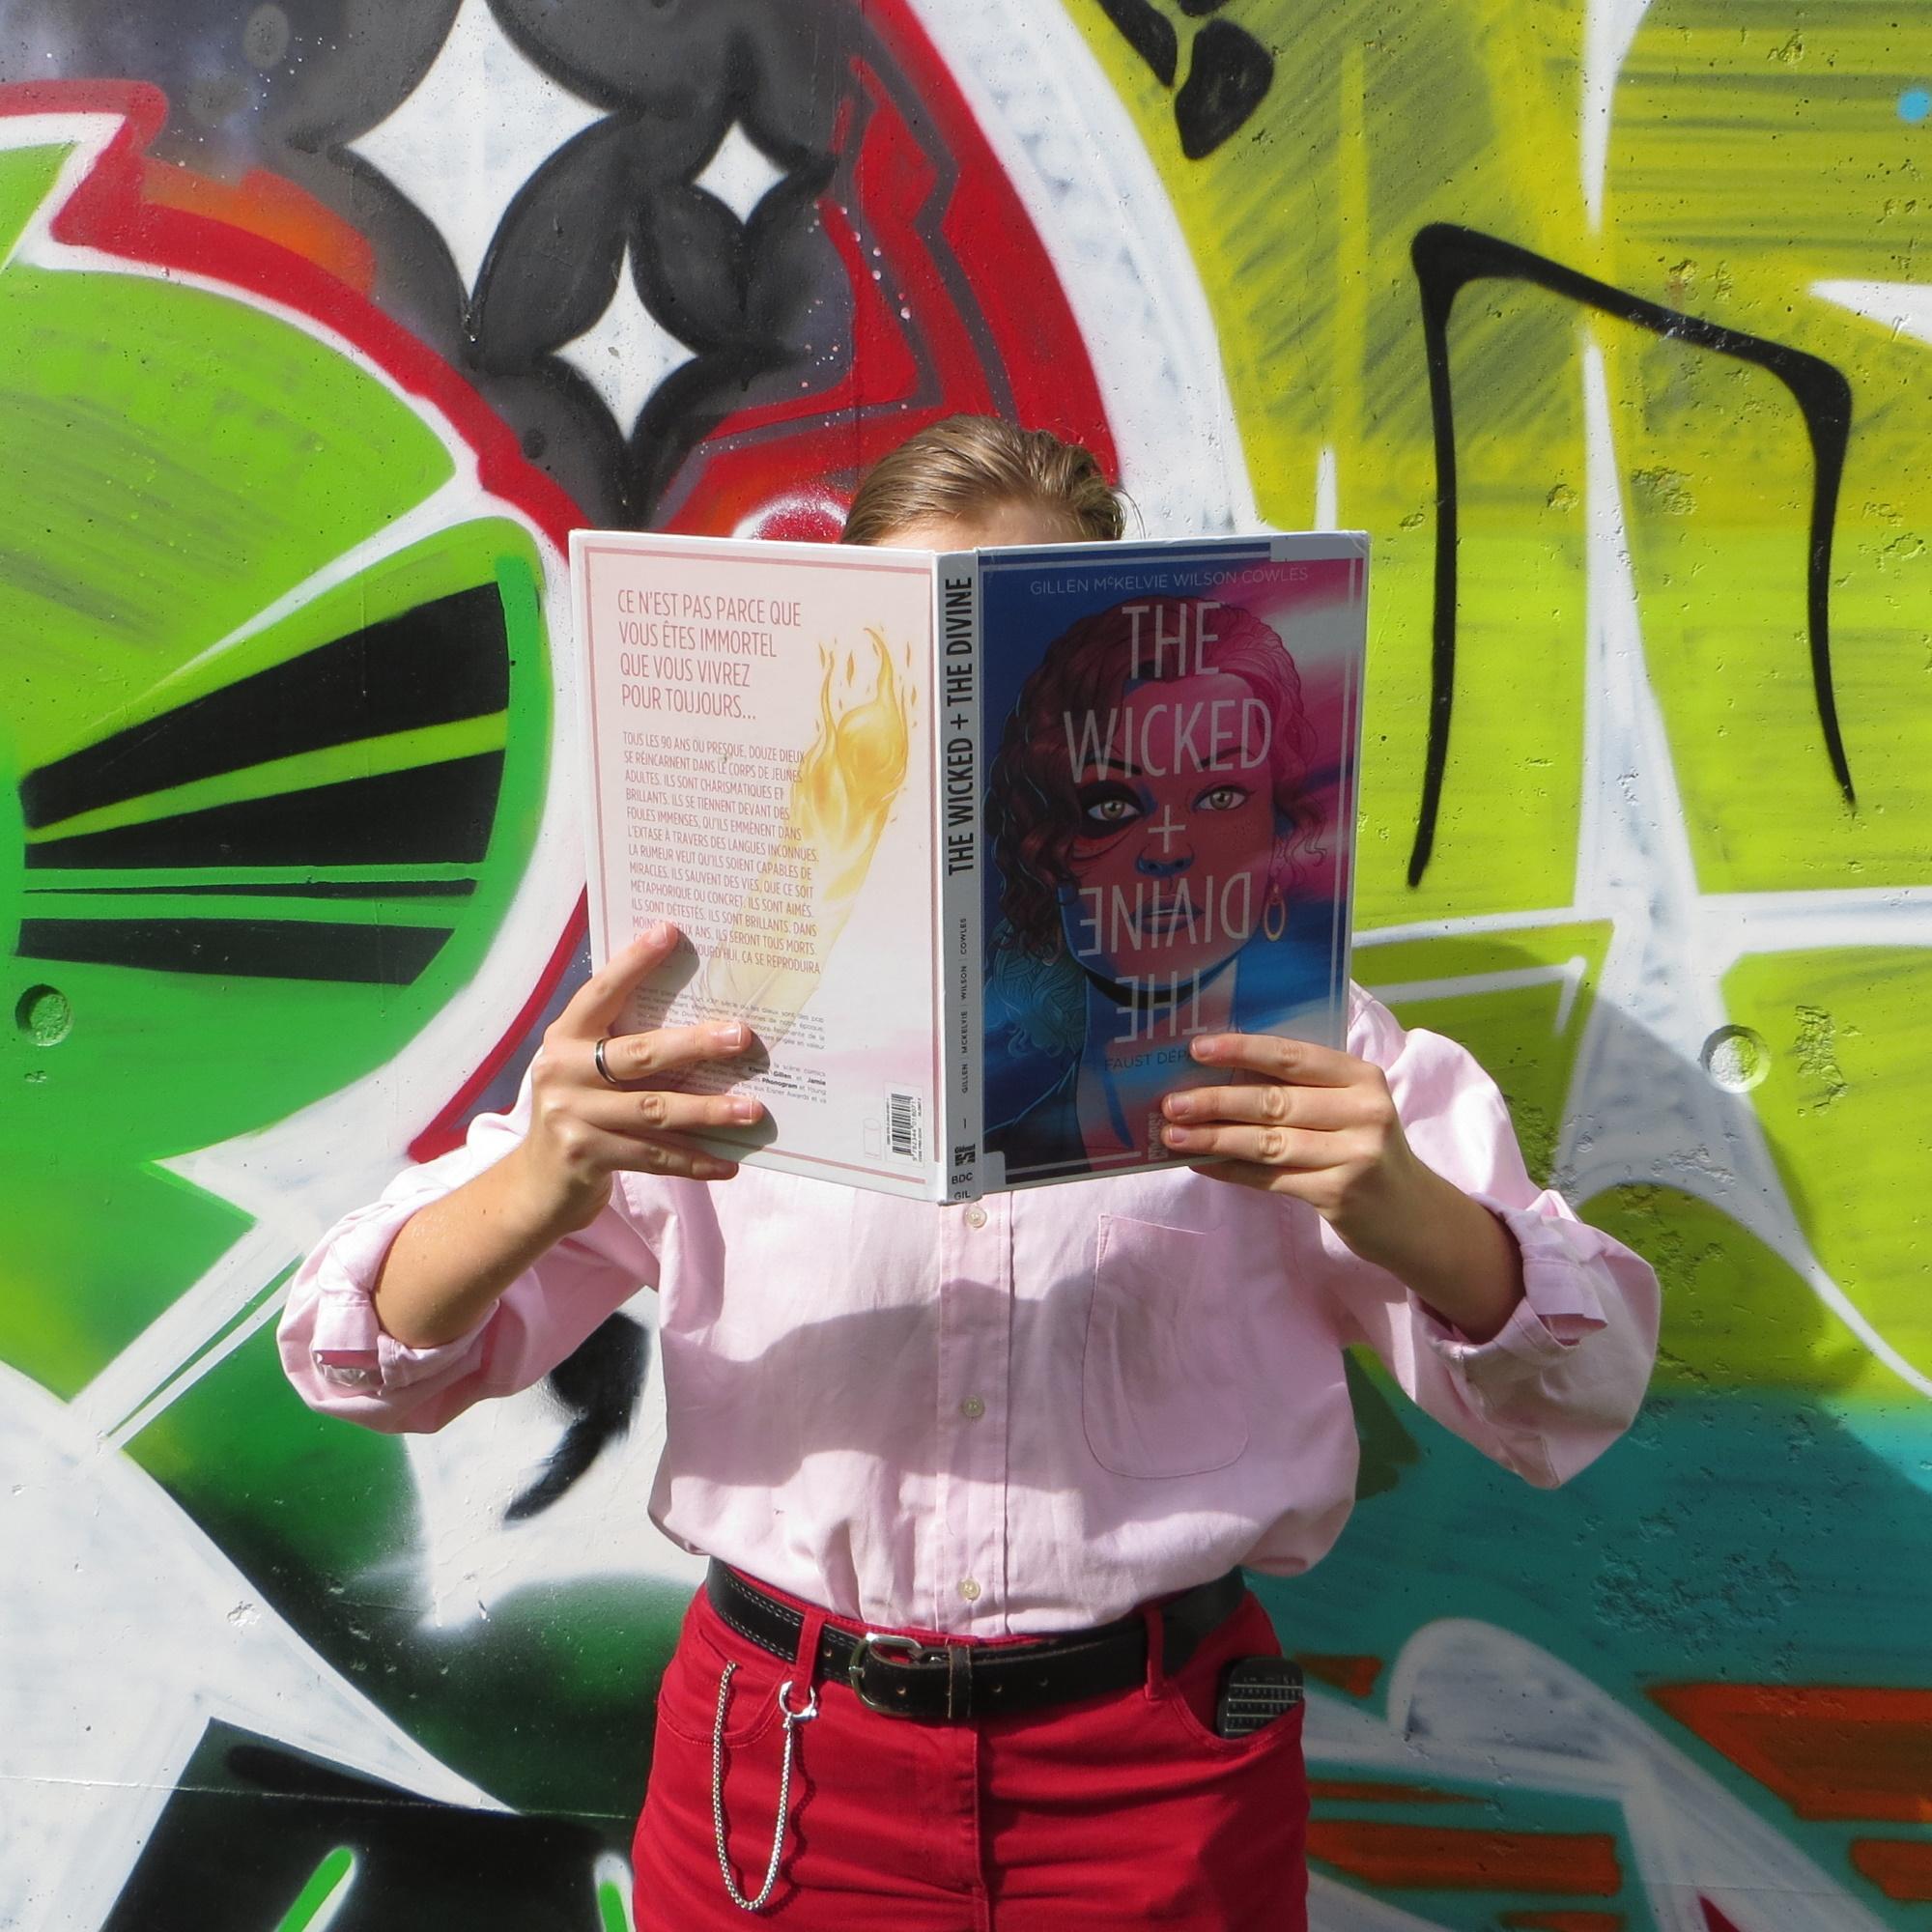 personne en chemise rose lisant The Wicked + The divine de Kieron Gillen et Jamie McKelvie devant un tag coloré